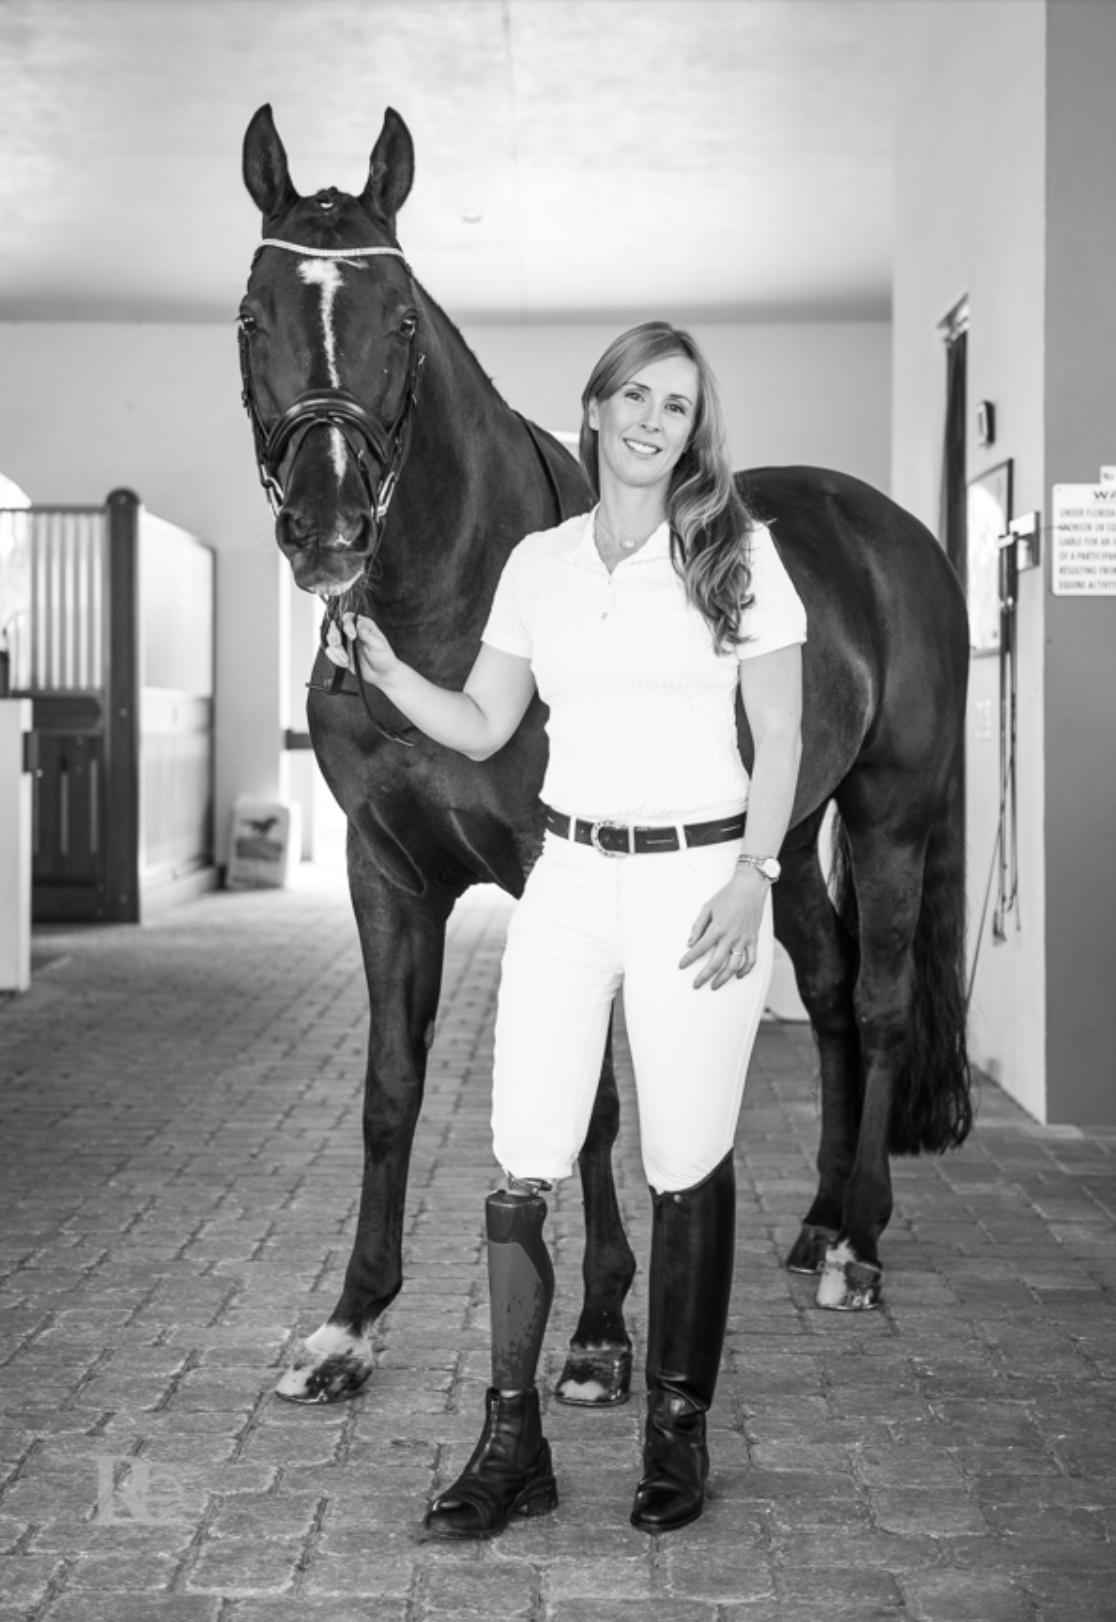 U.S. Para-Equestrian Dressage rider and cancer survivor Katie Jackson and her partner Diesel. Photo by Rachel Elizabeth Photography